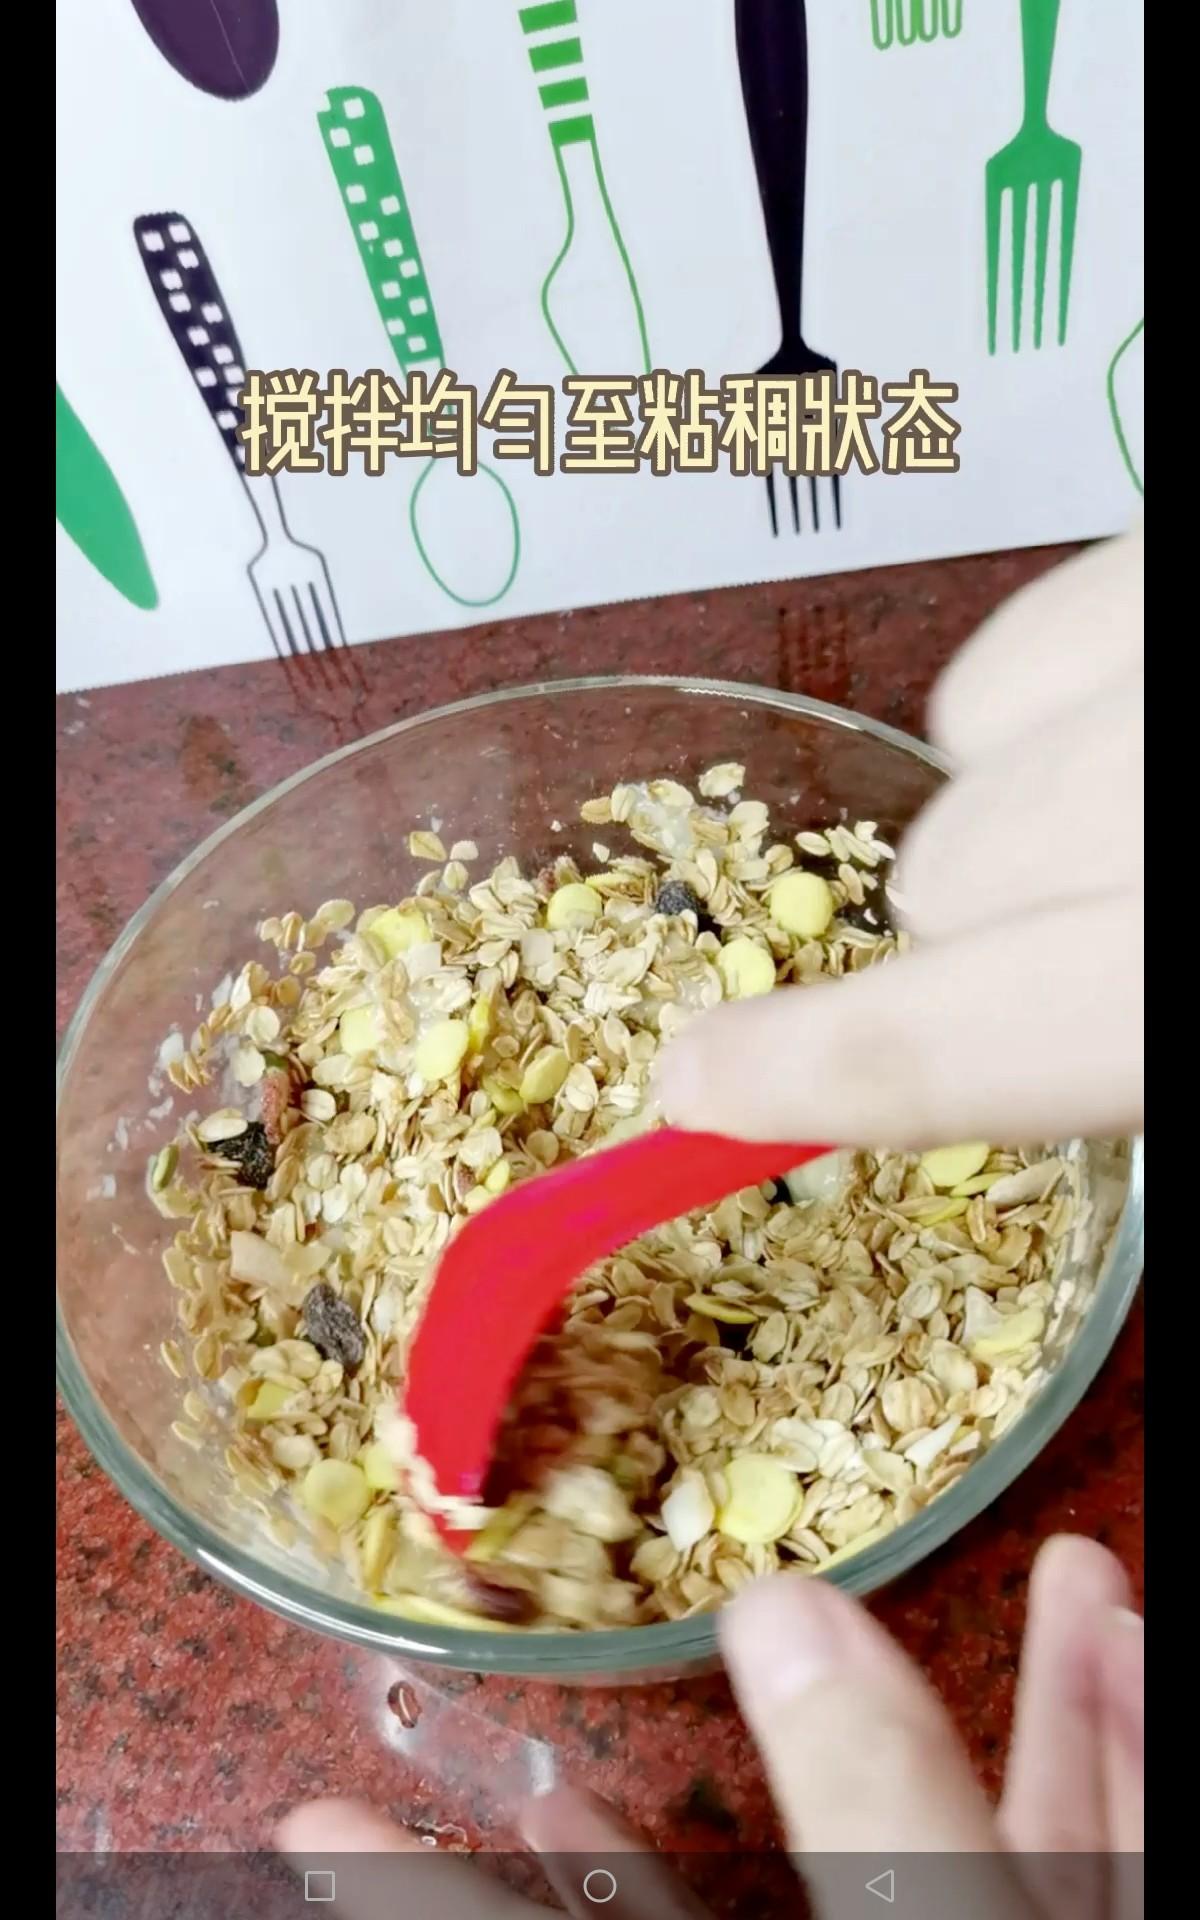 酸奶燕麦杯怎么吃